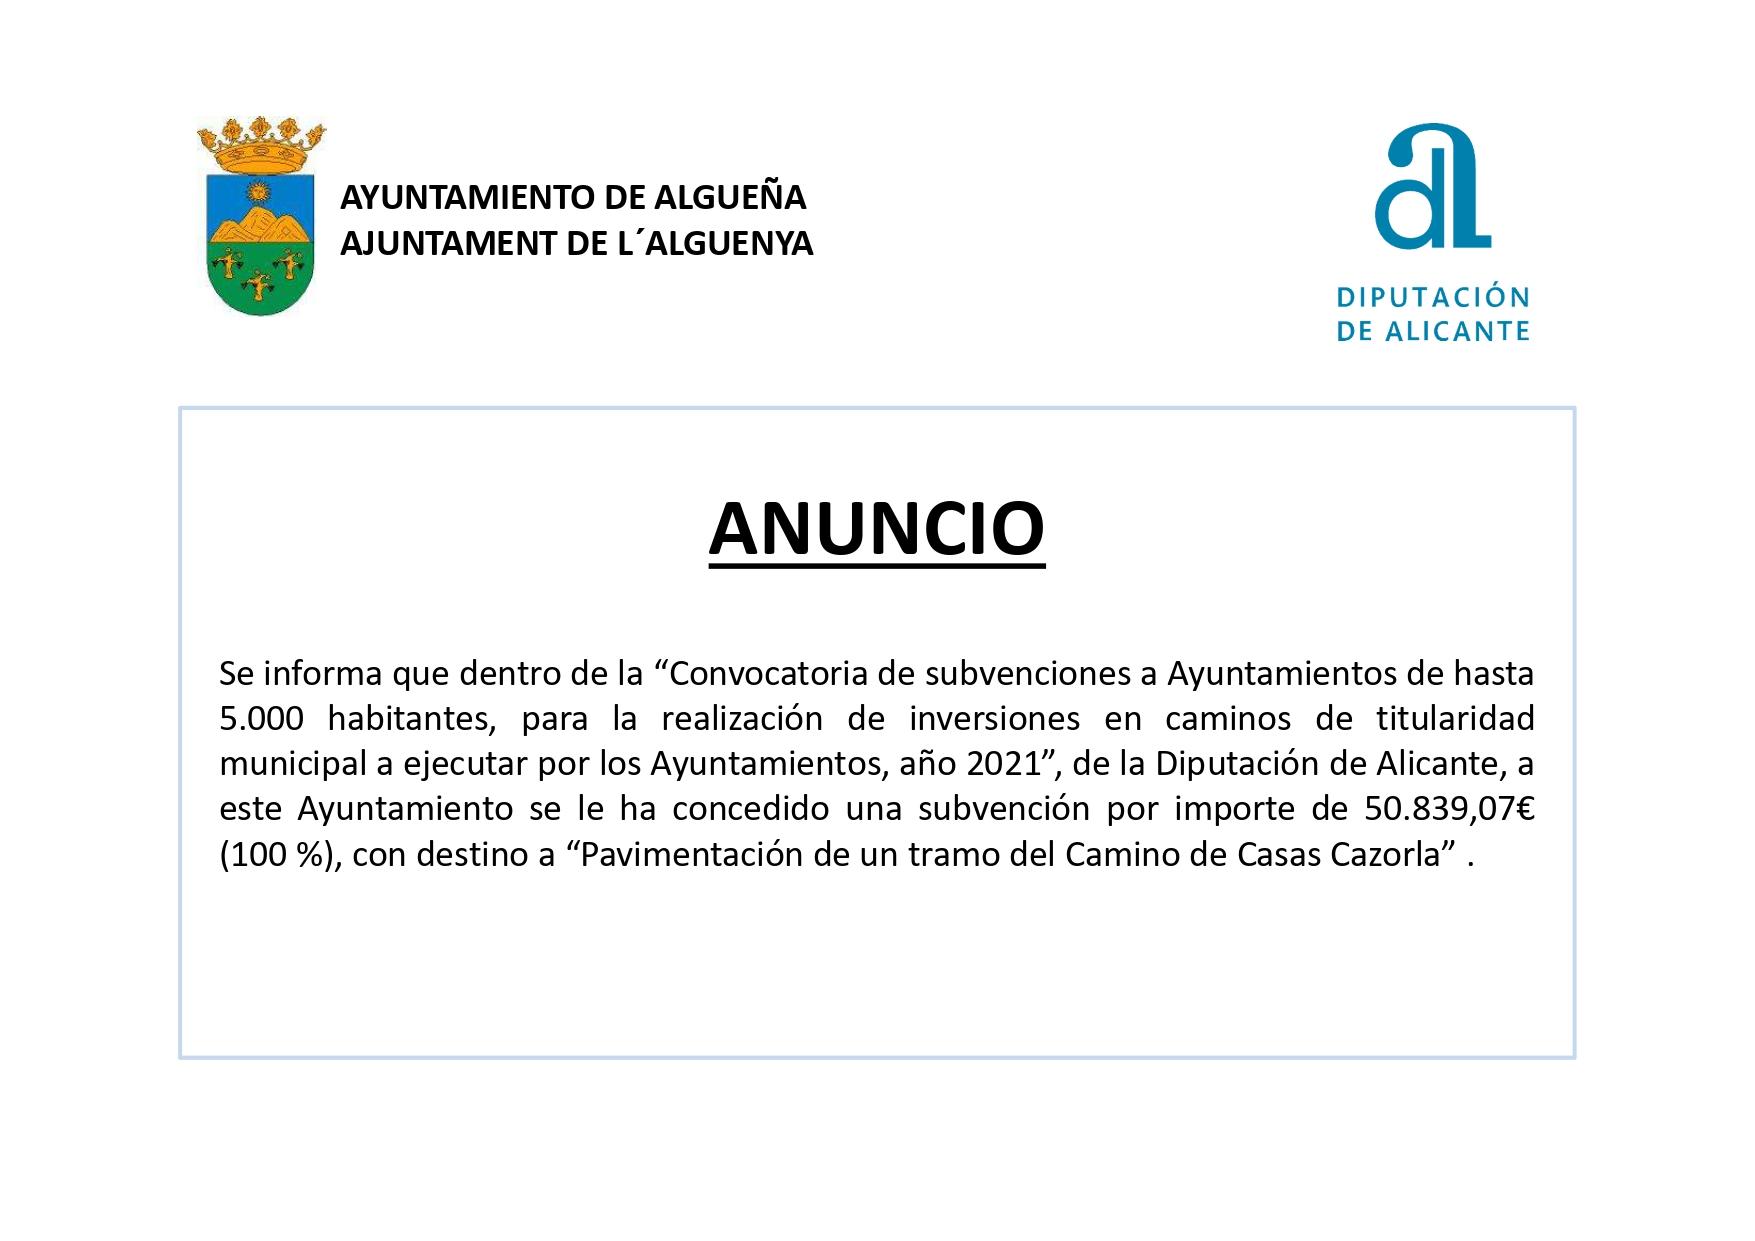 ANUNCIO - Subvención de Pavimentación de un tramo del Camino de Casas Cazorla